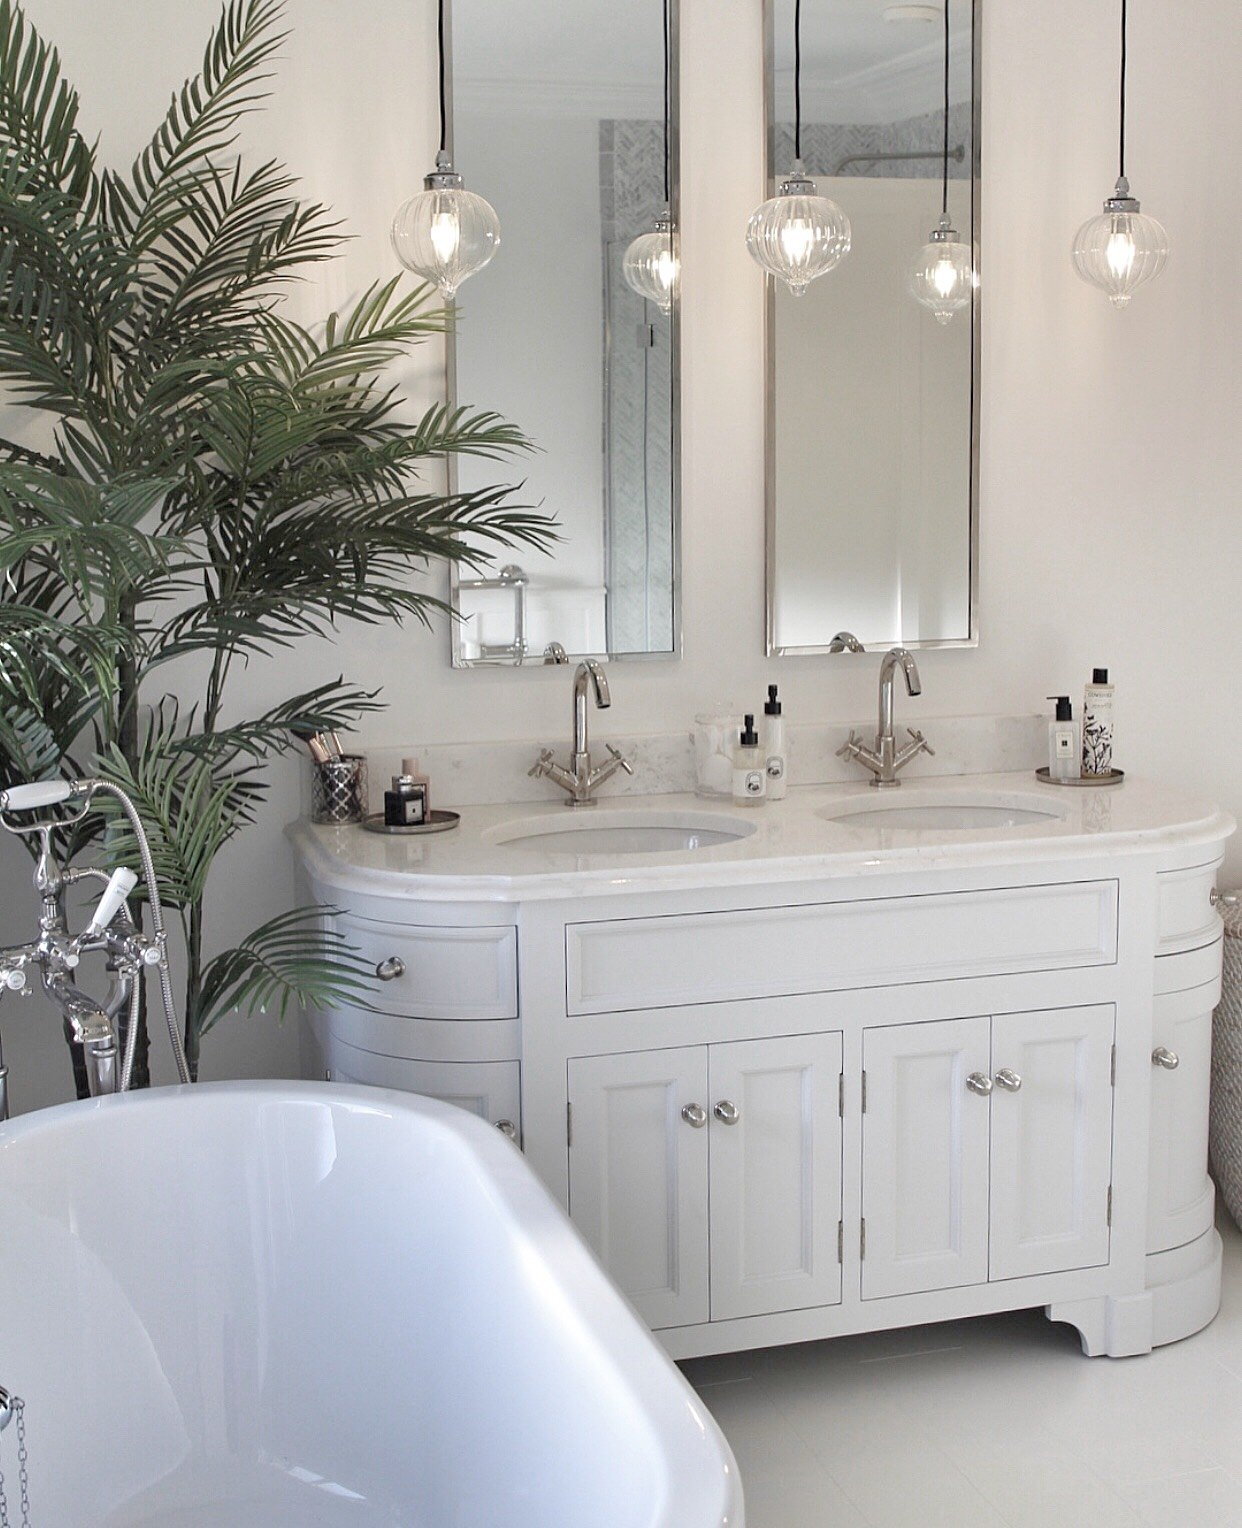 Swanky vanity bathroom